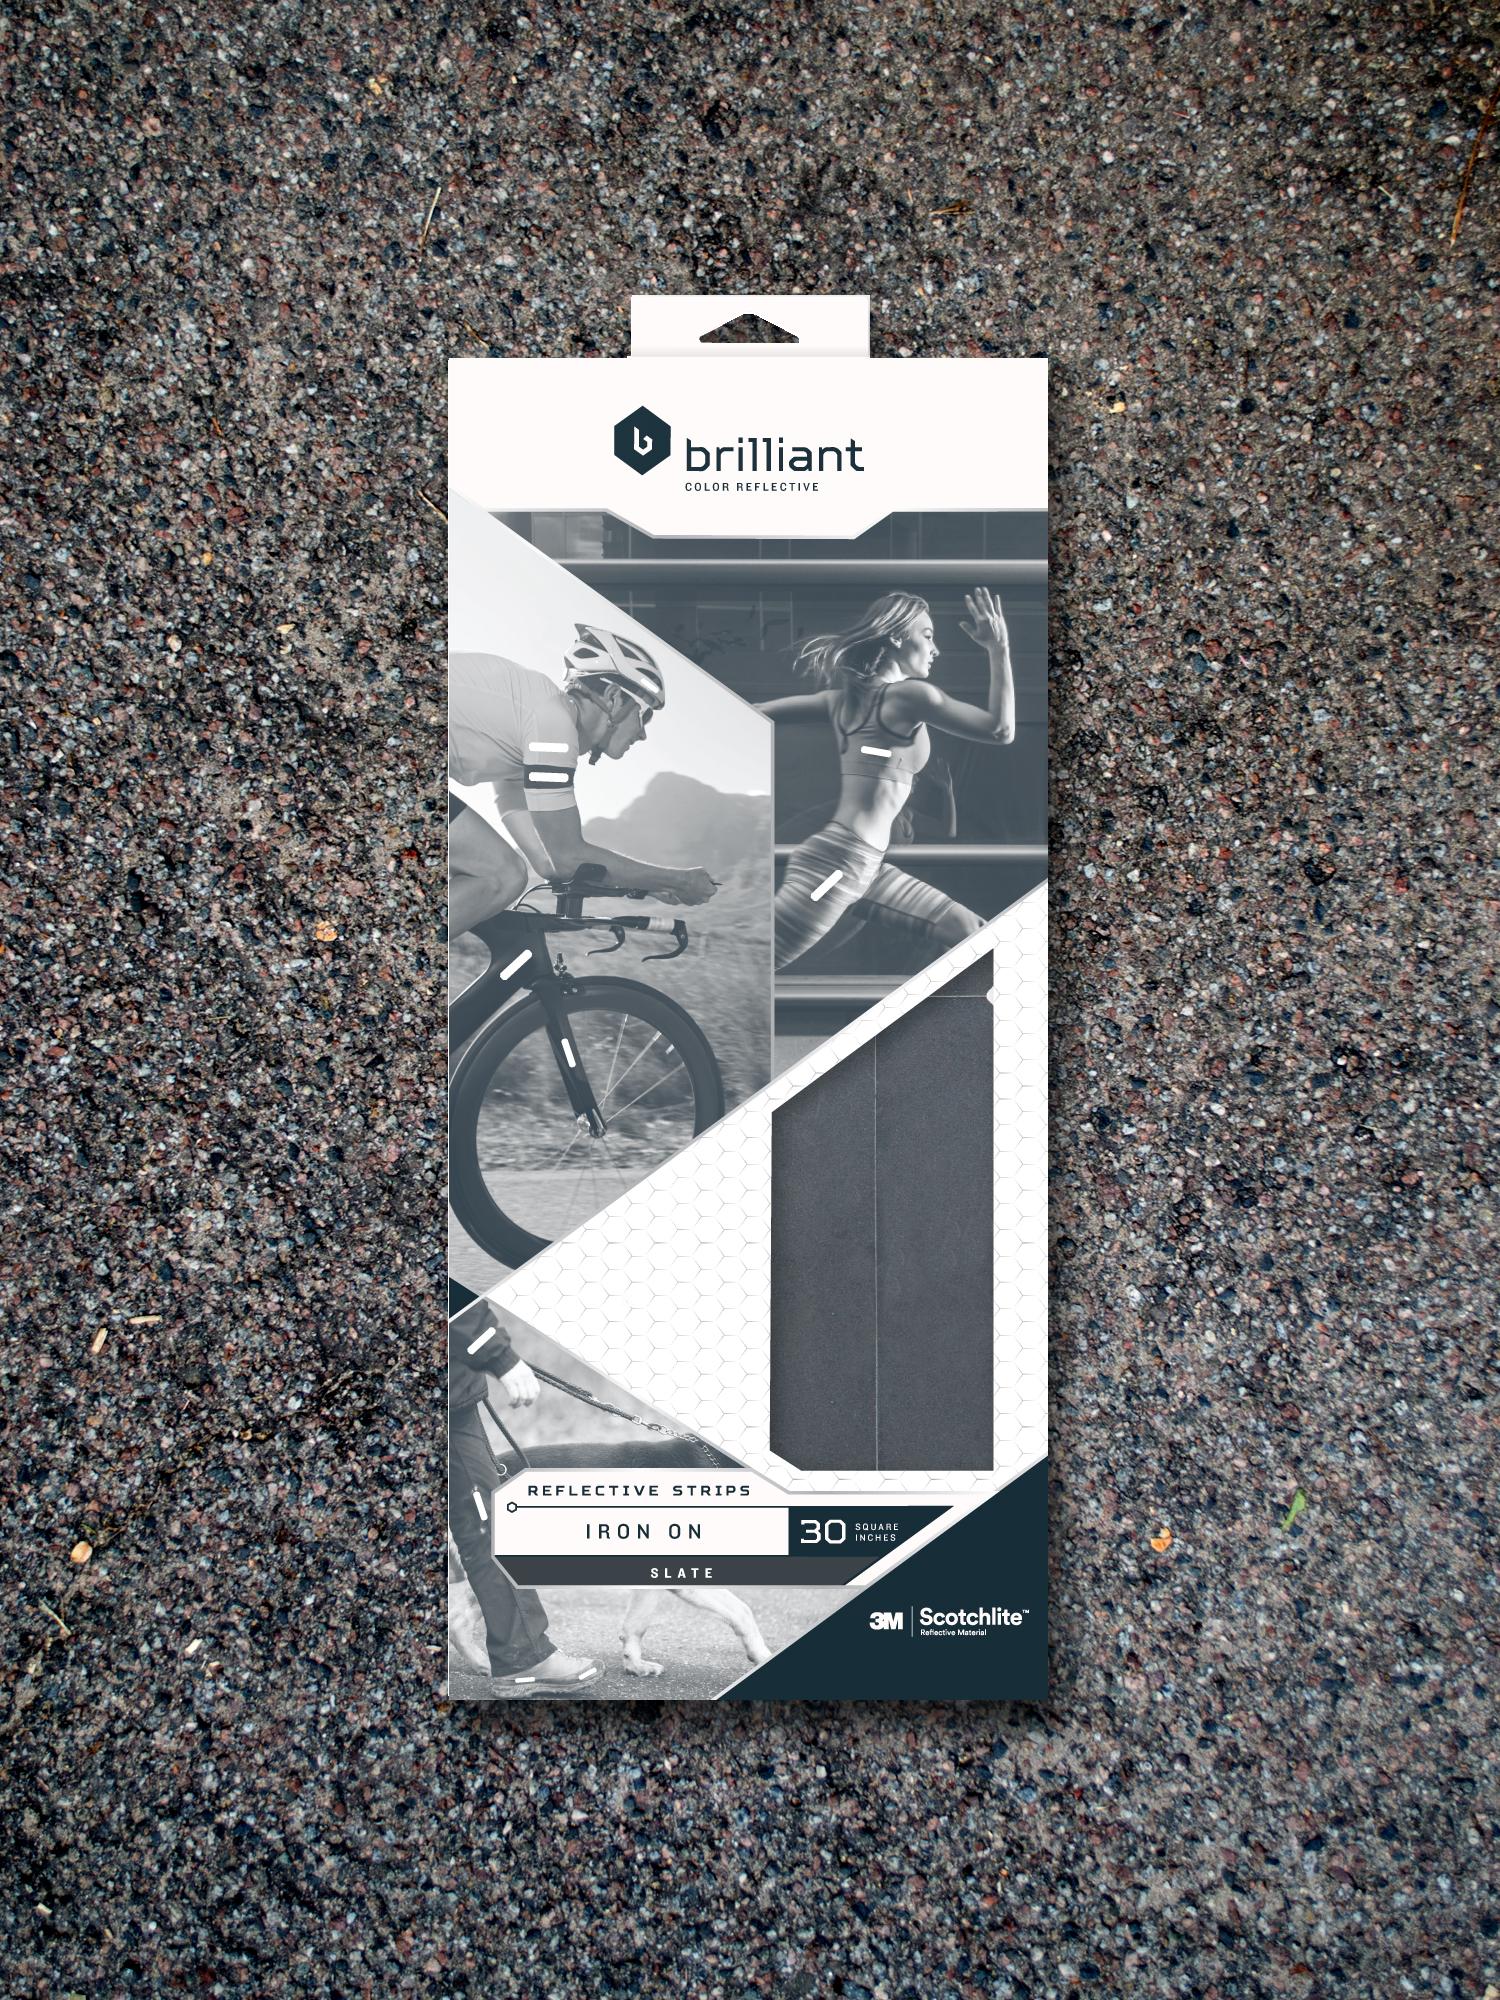 Brilliant_packaging_2.1.jpg